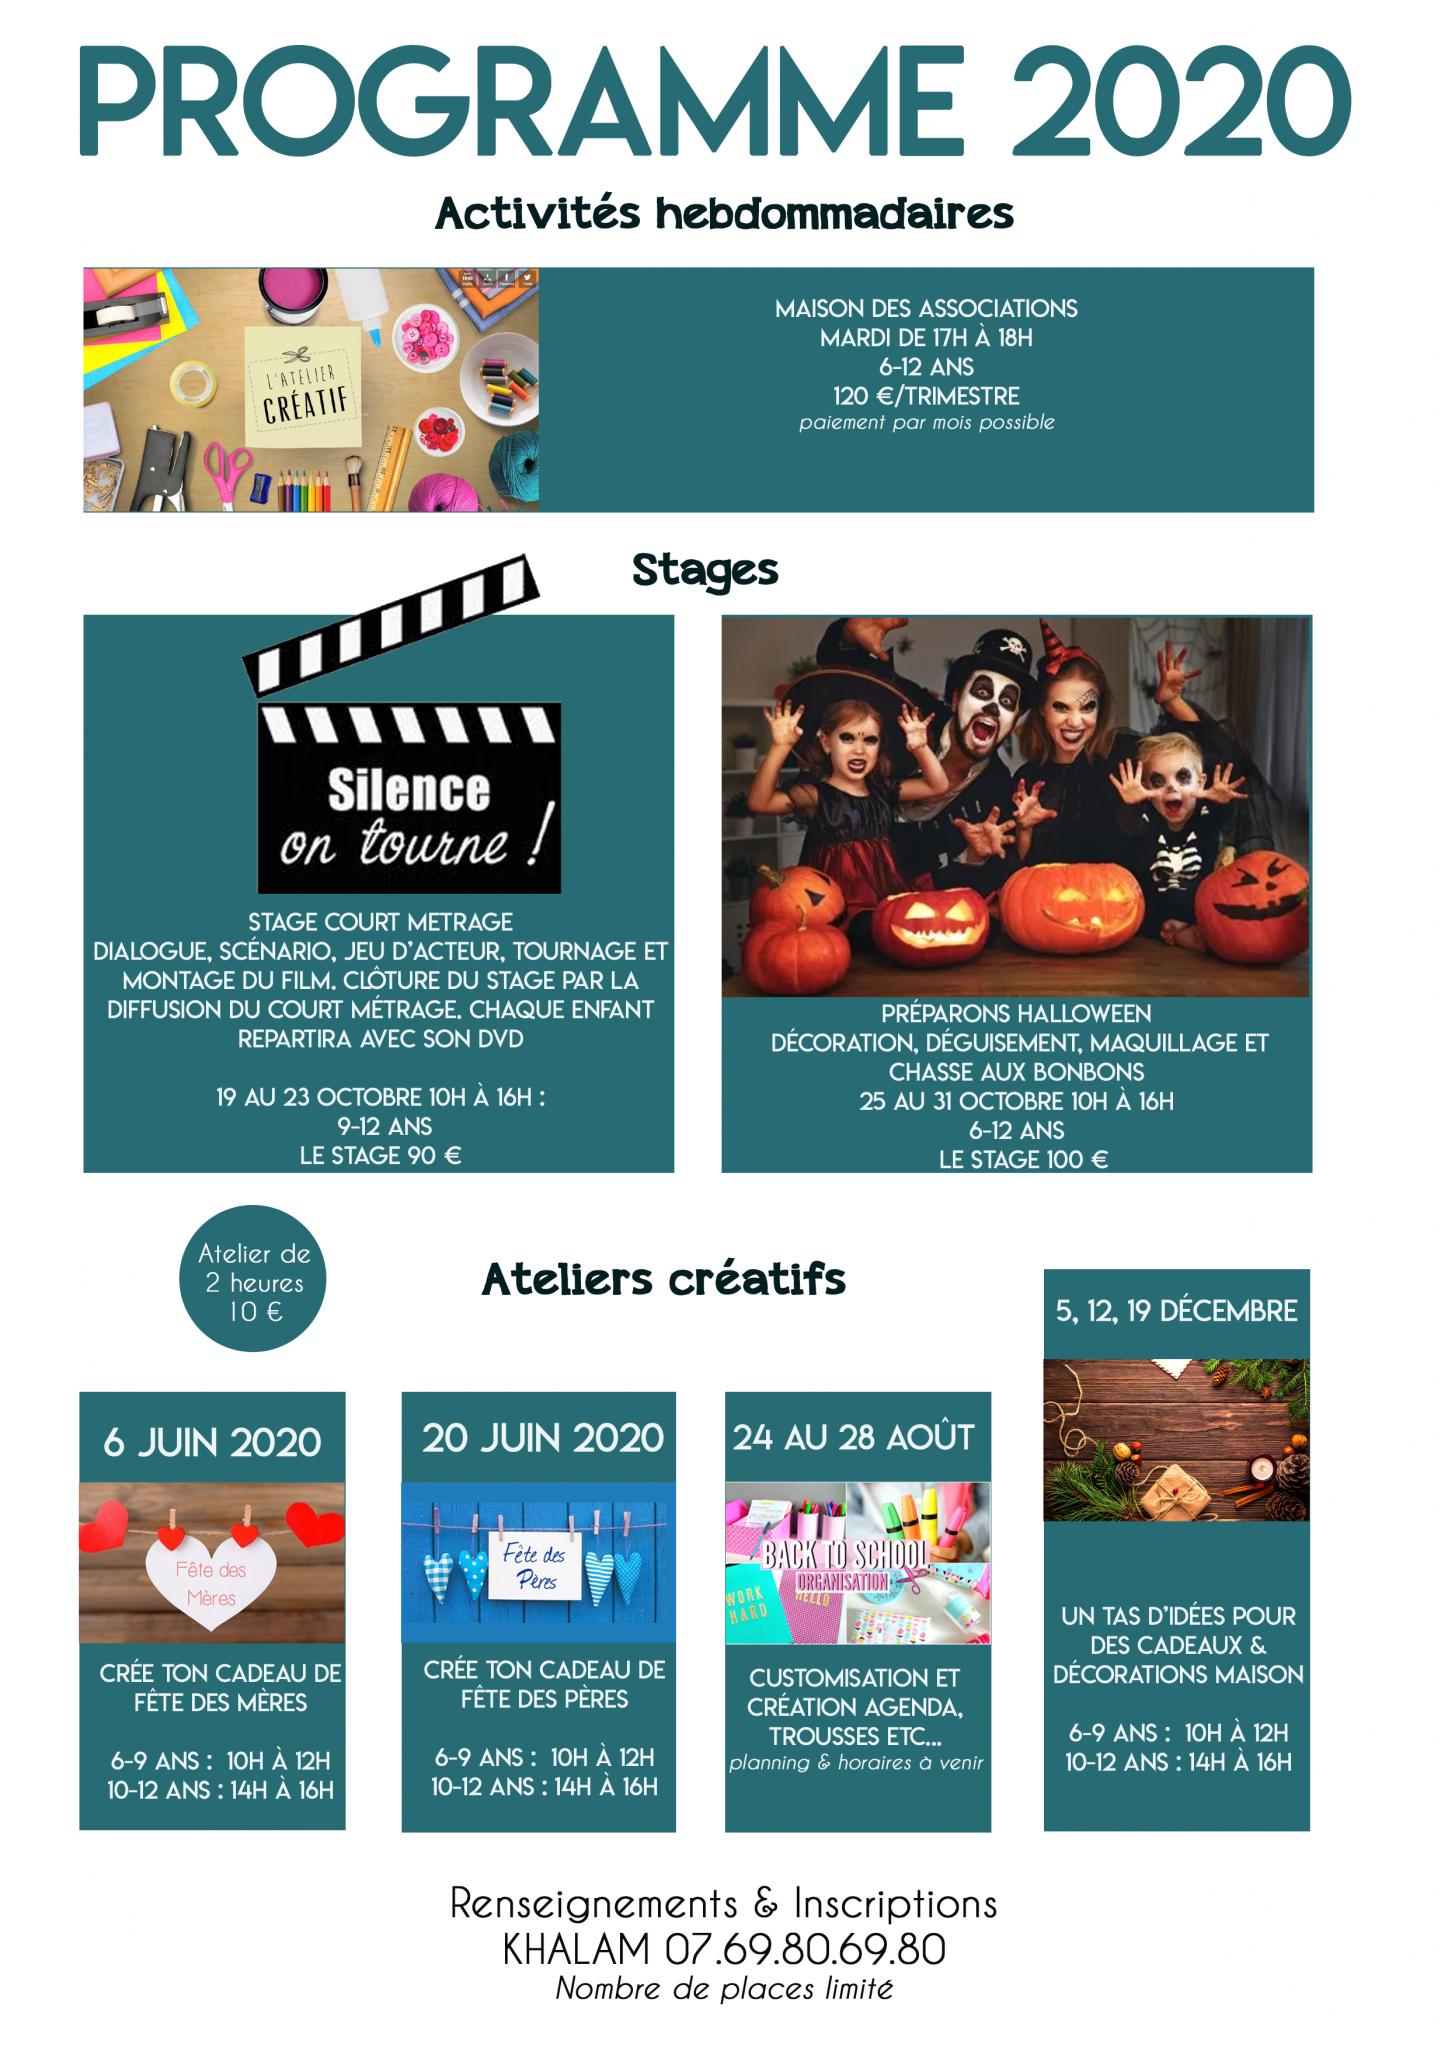 Khalam - Art thérapie - Programme 2020